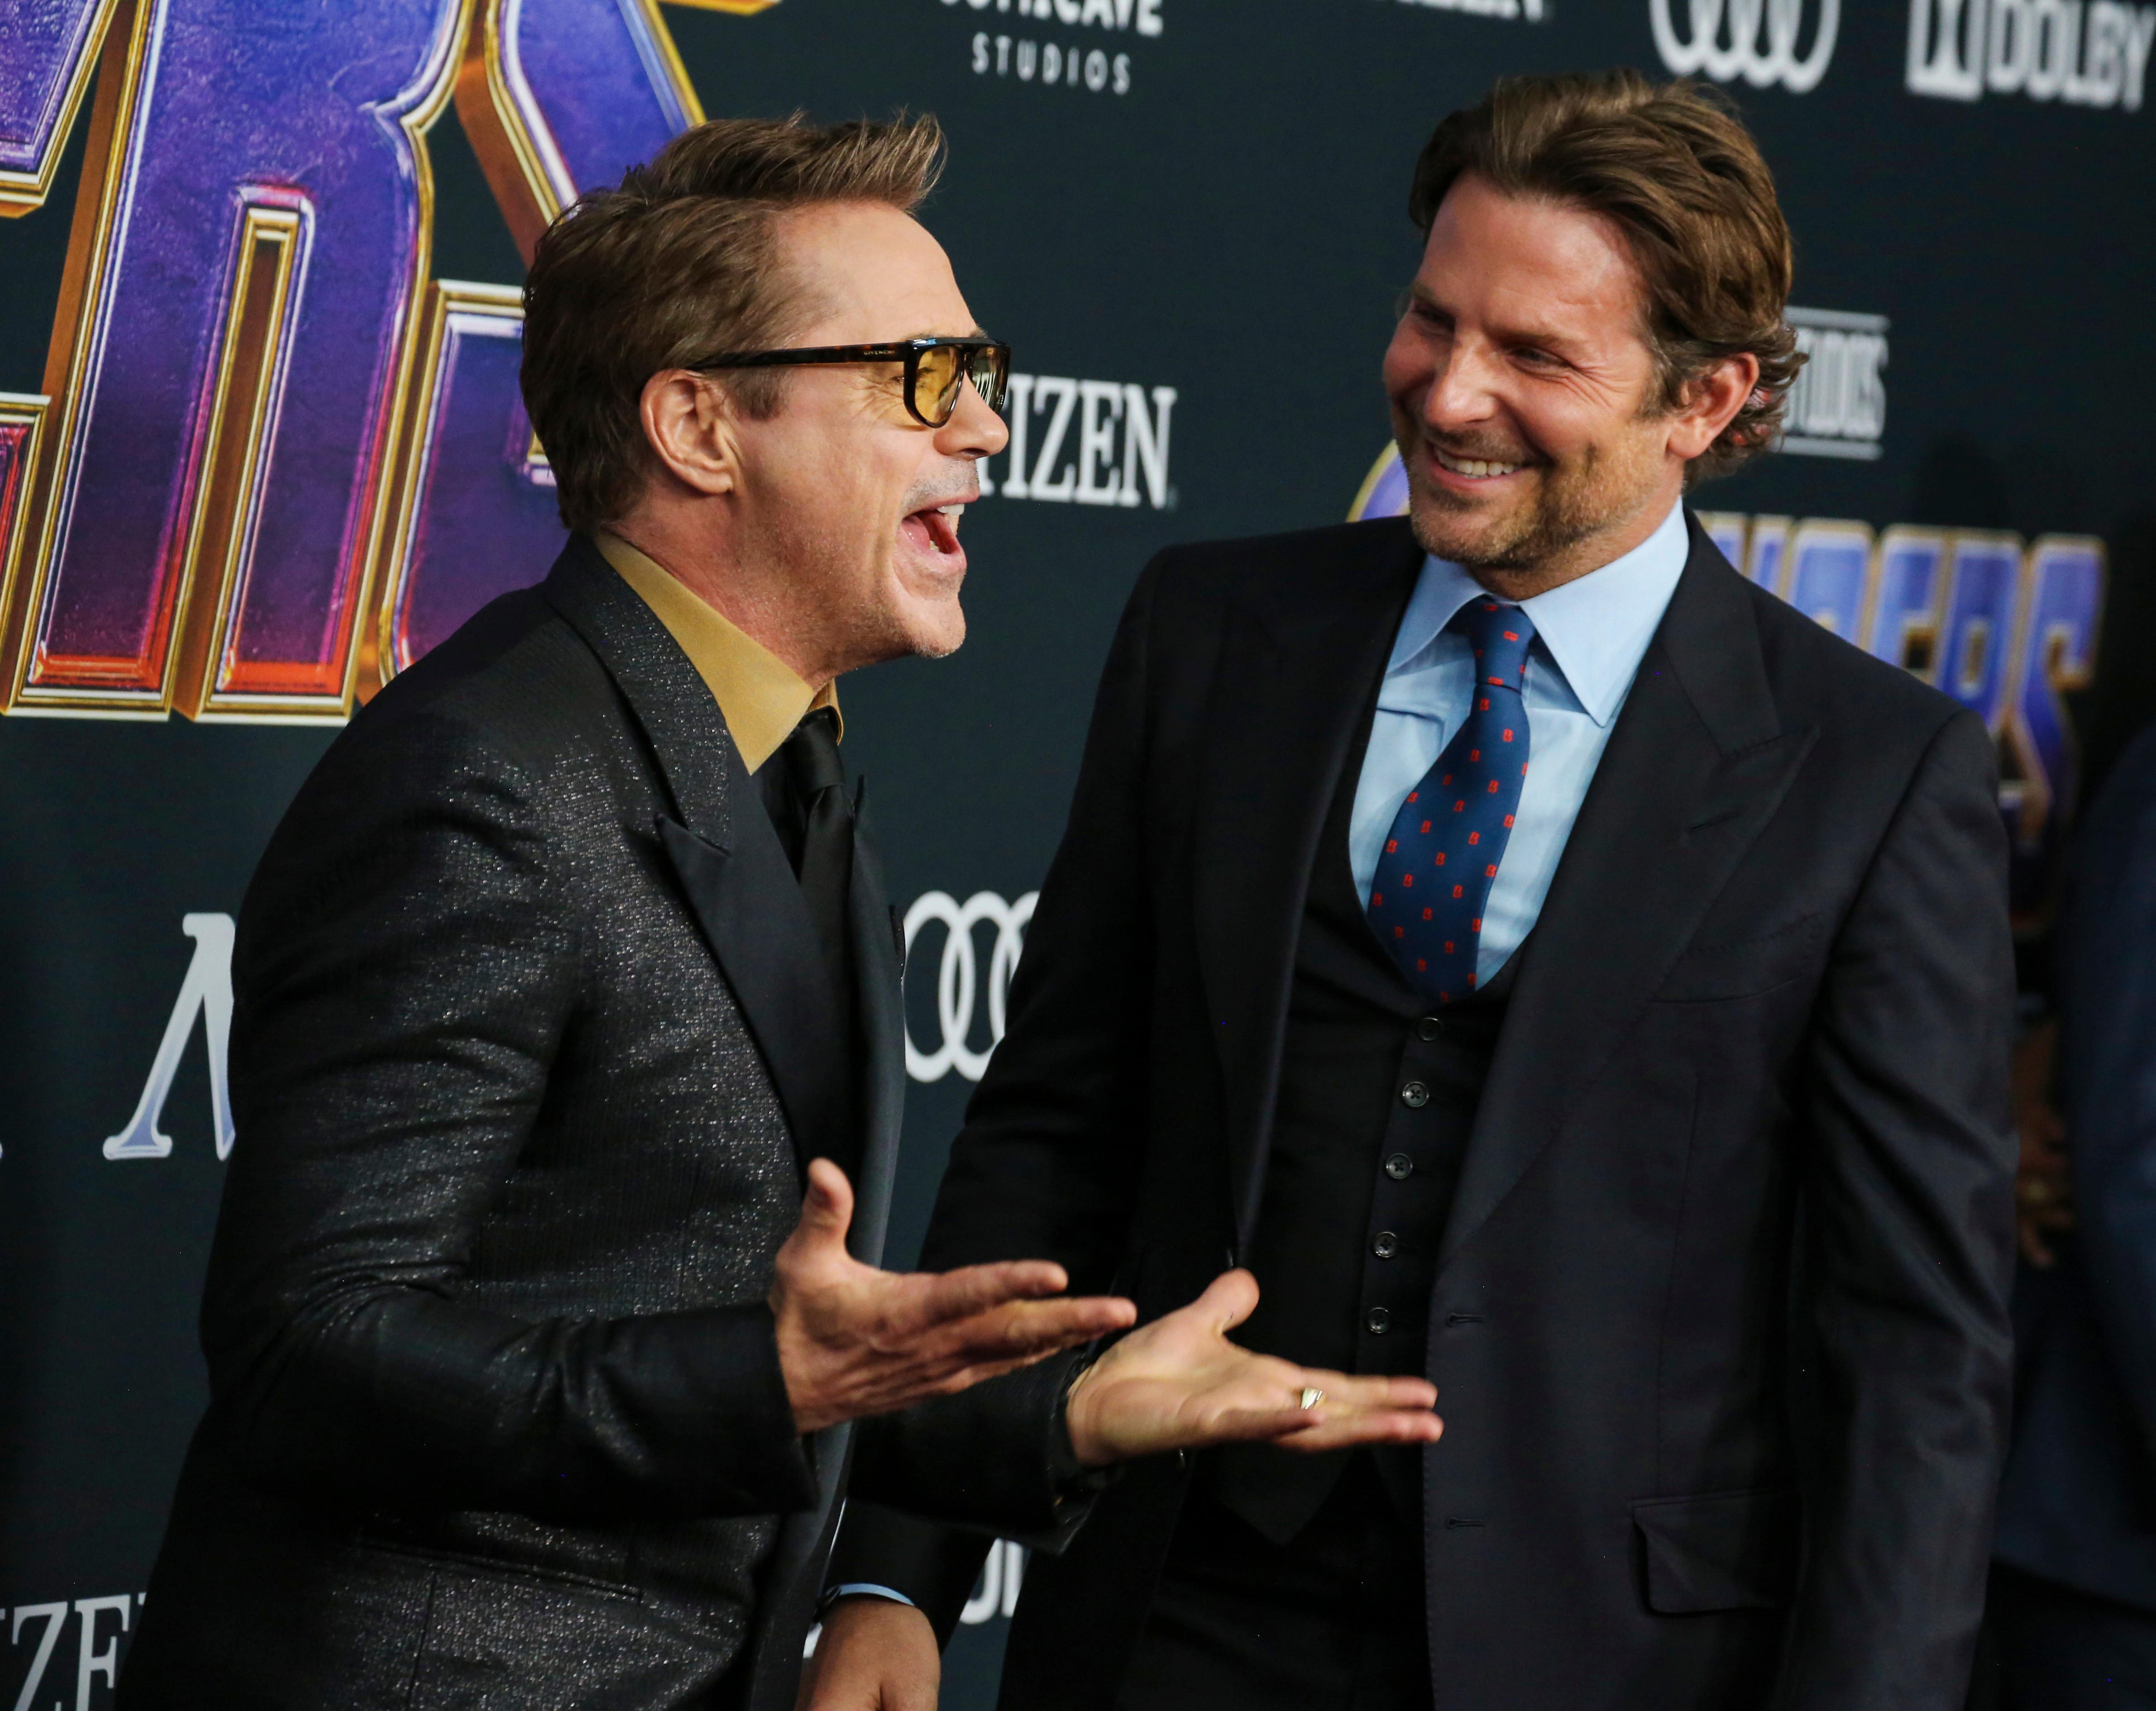 Robert Downey Jr. and Bradley Cooper'Avengers: Endgame' Film Premiere, Arrivals, LA Convention Center, Los Angeles, USA - 22 Apr 2019